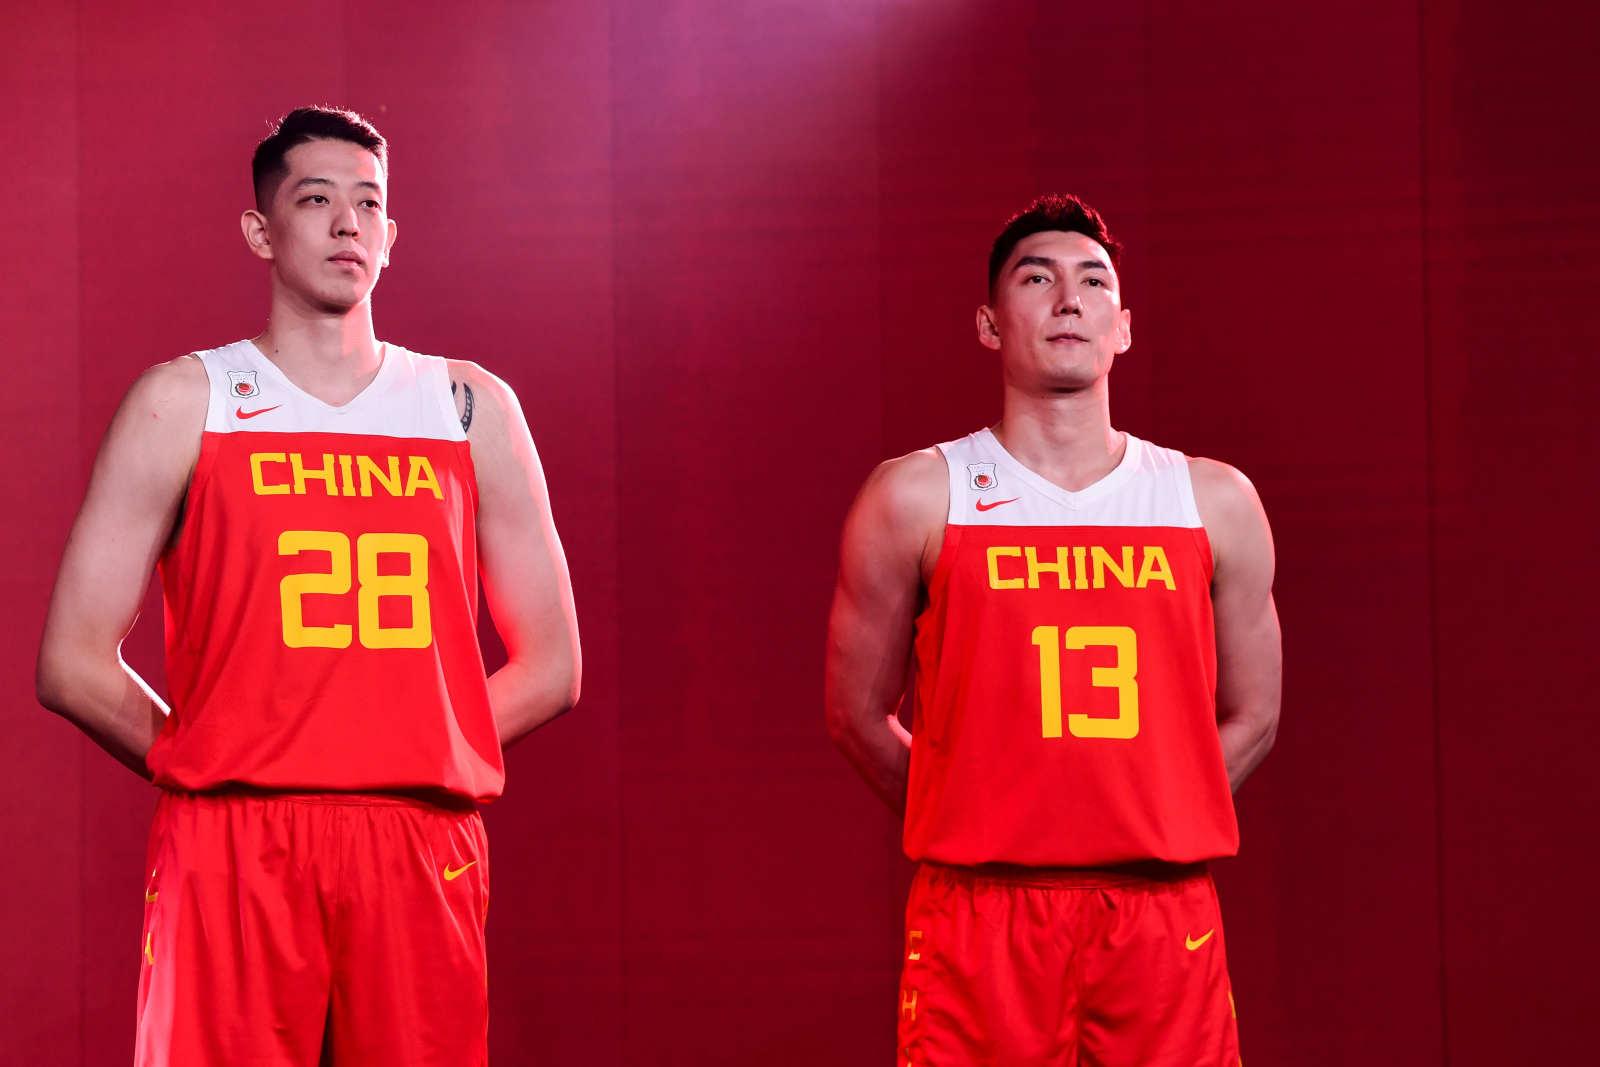 全新战袍!中国男篮身着世界杯新队服亮相